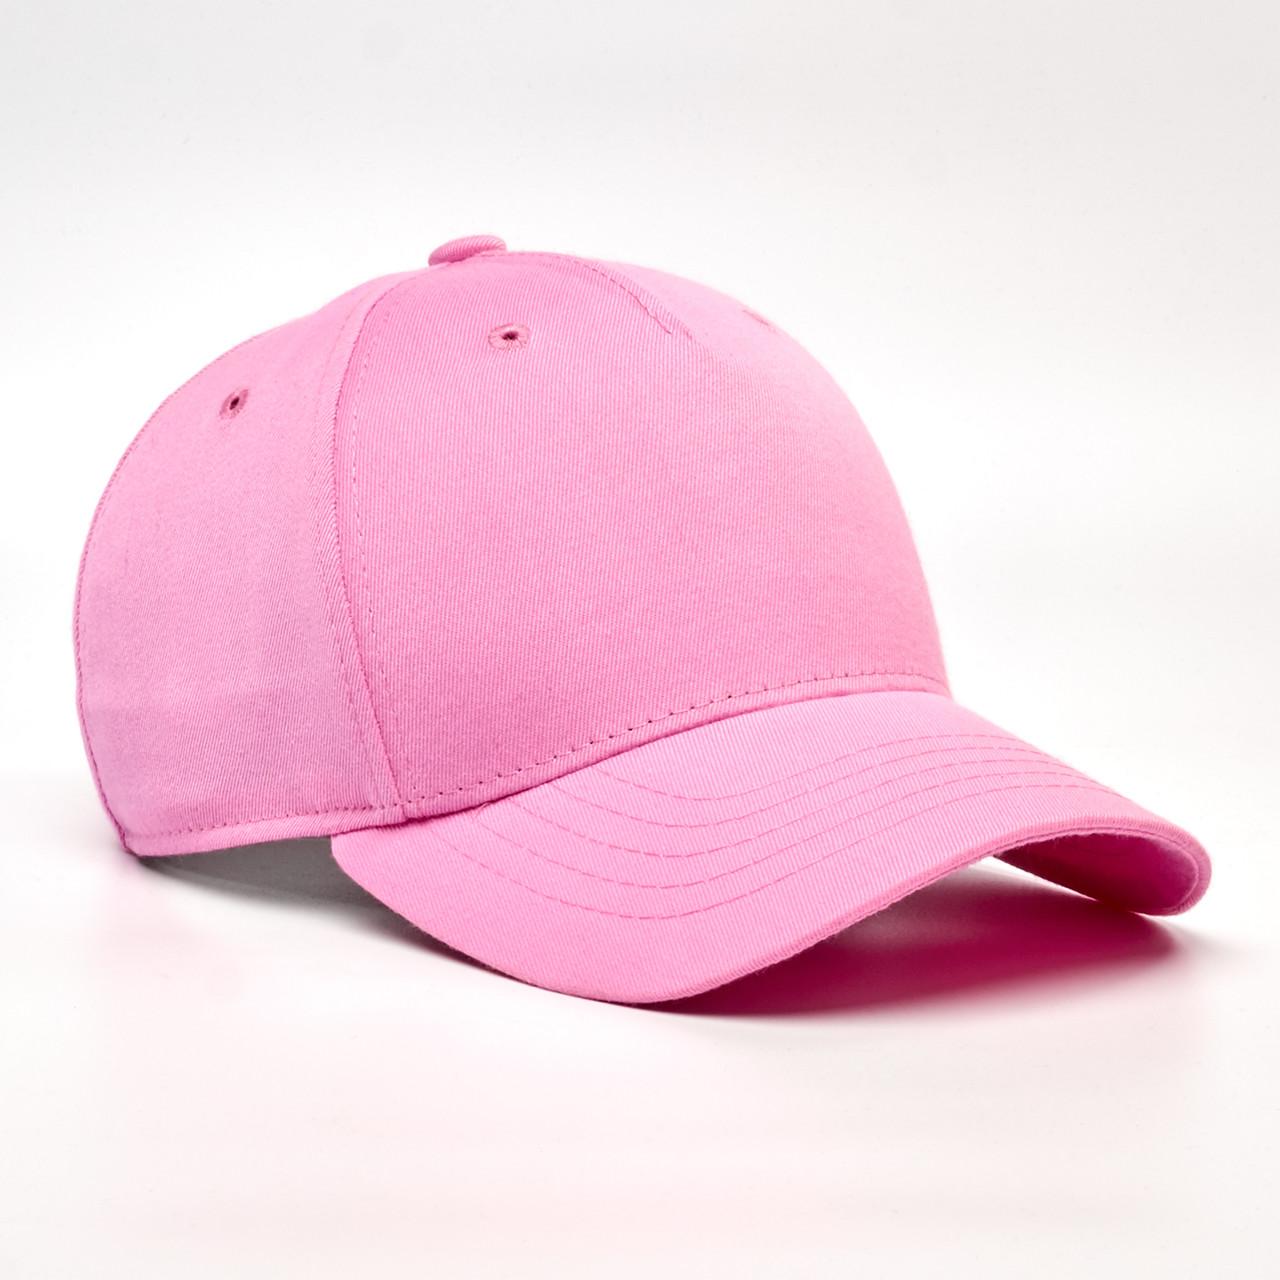 Детская кепка без логотипа INAL 5 панелей XS / 51-52 RU Розовый 224851